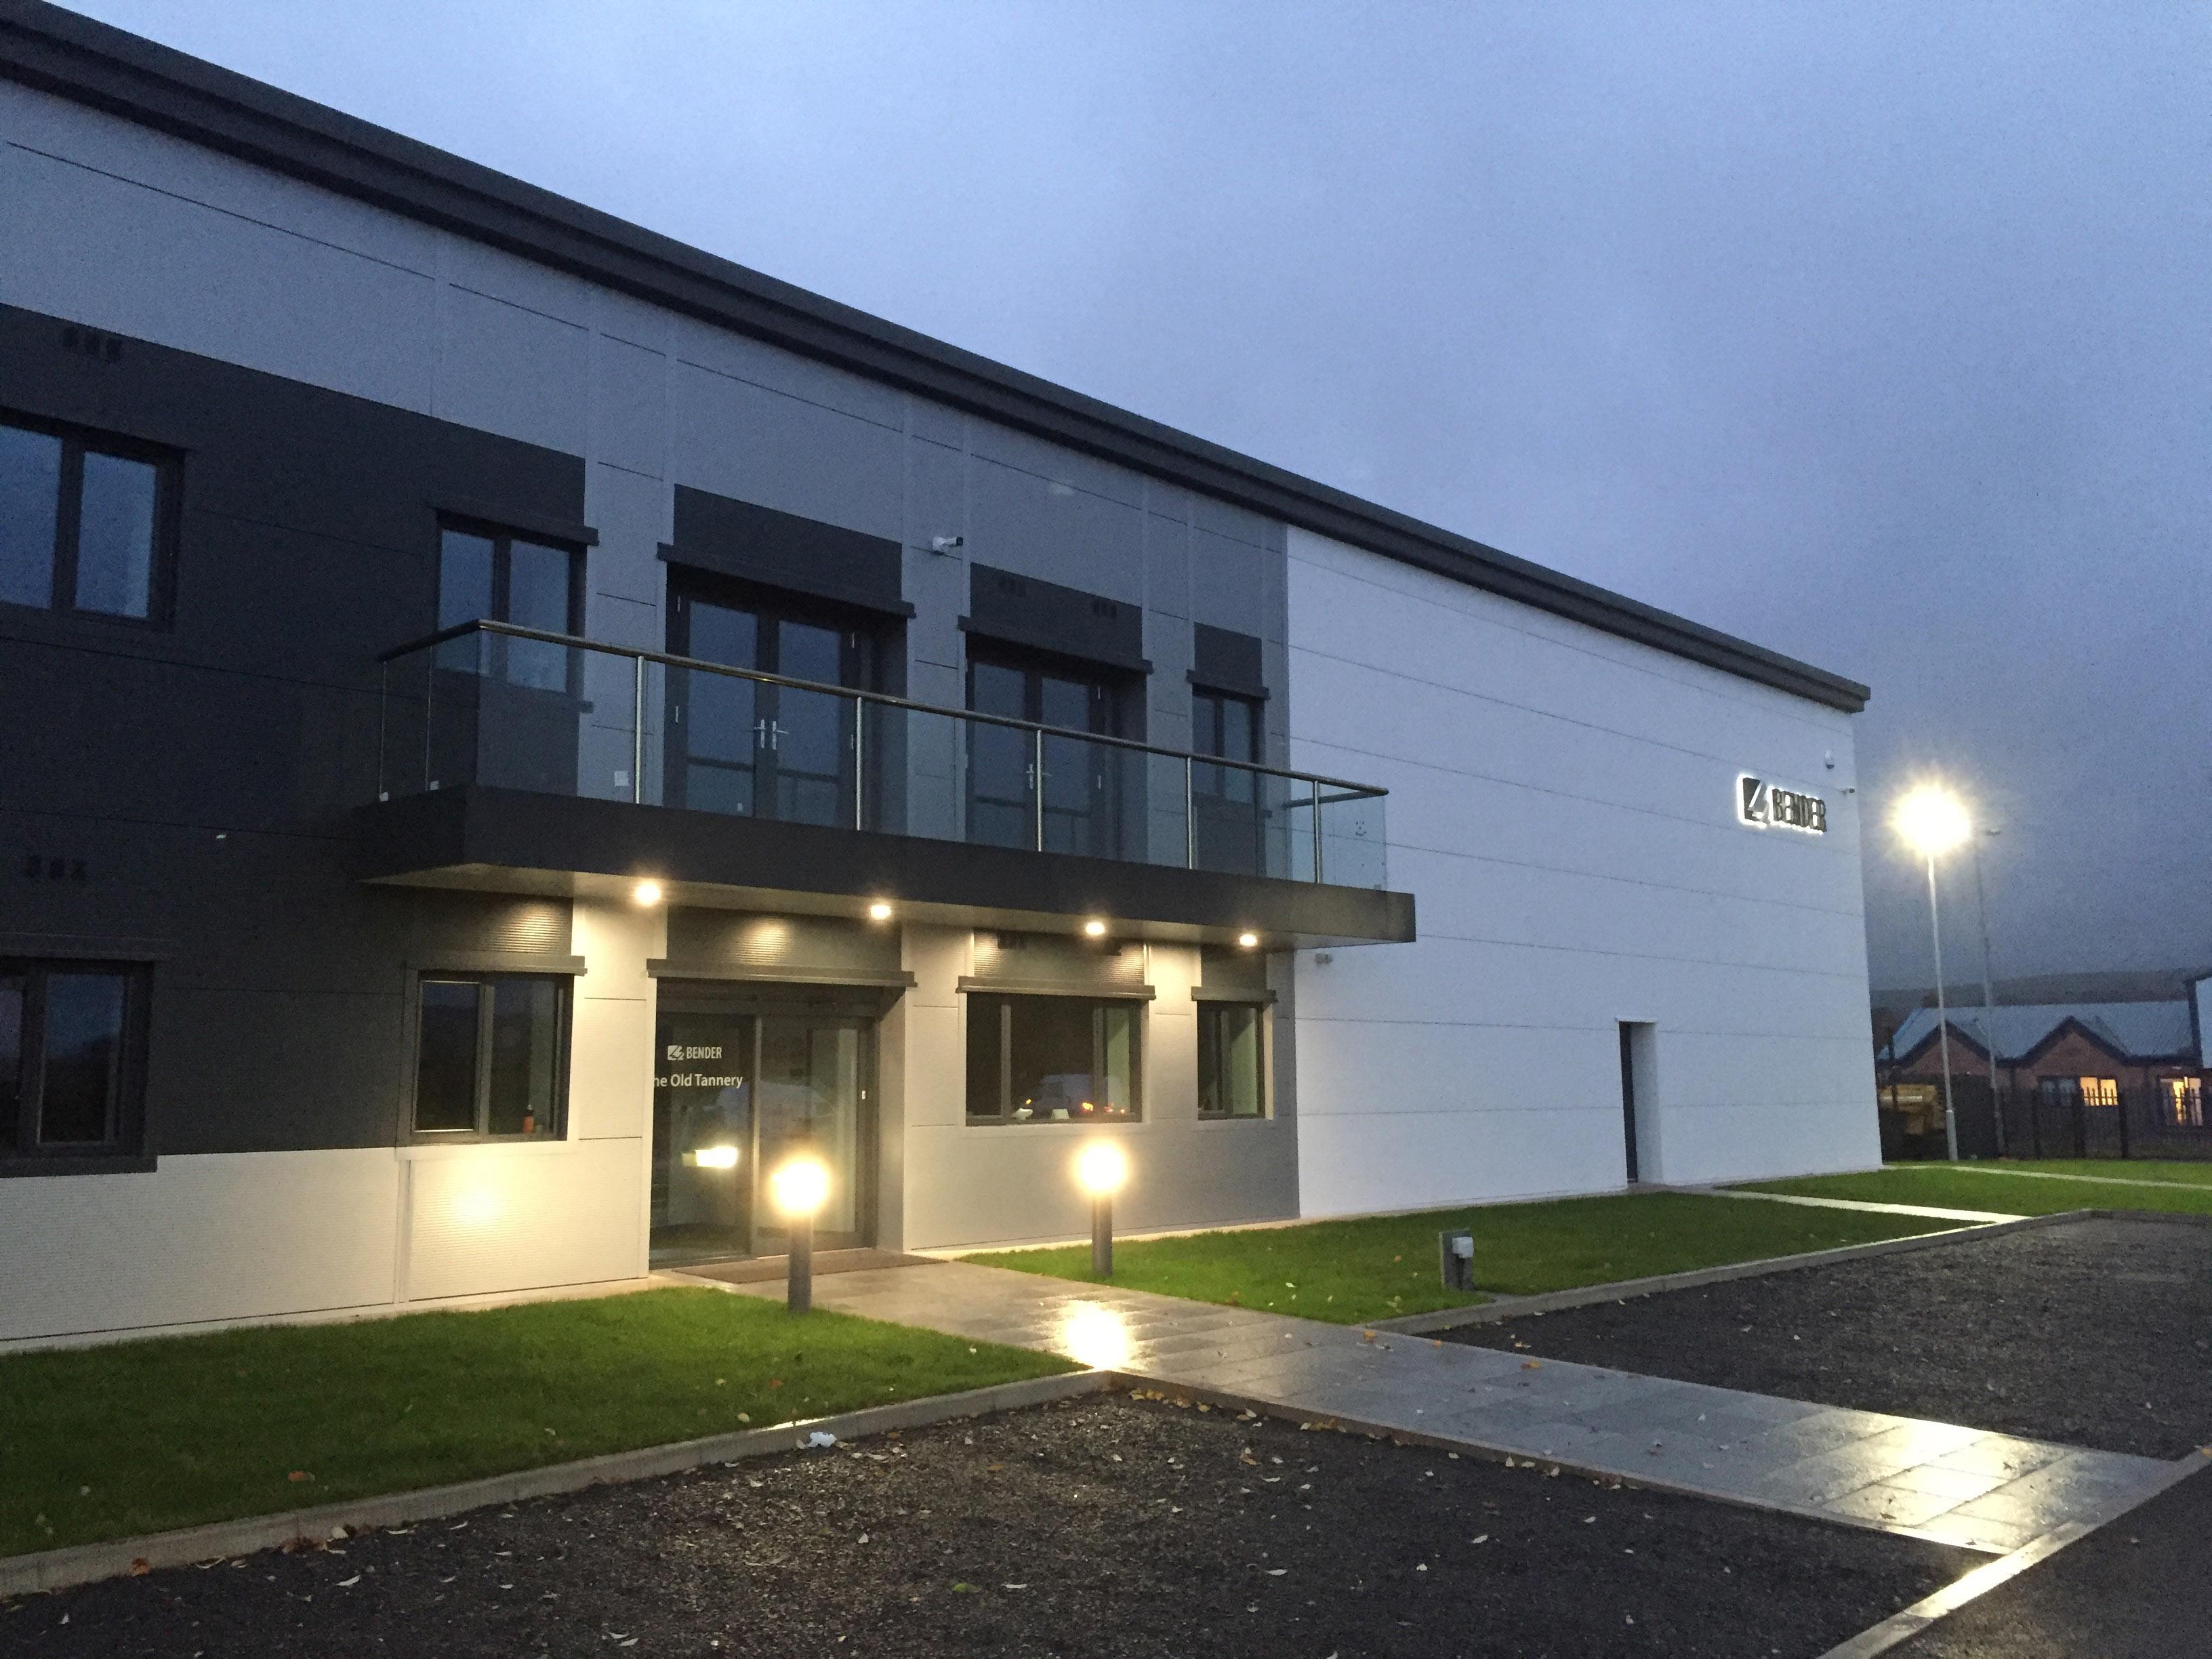 Bender-Niederlassung in Großbritannien bezieht neues Gebäude